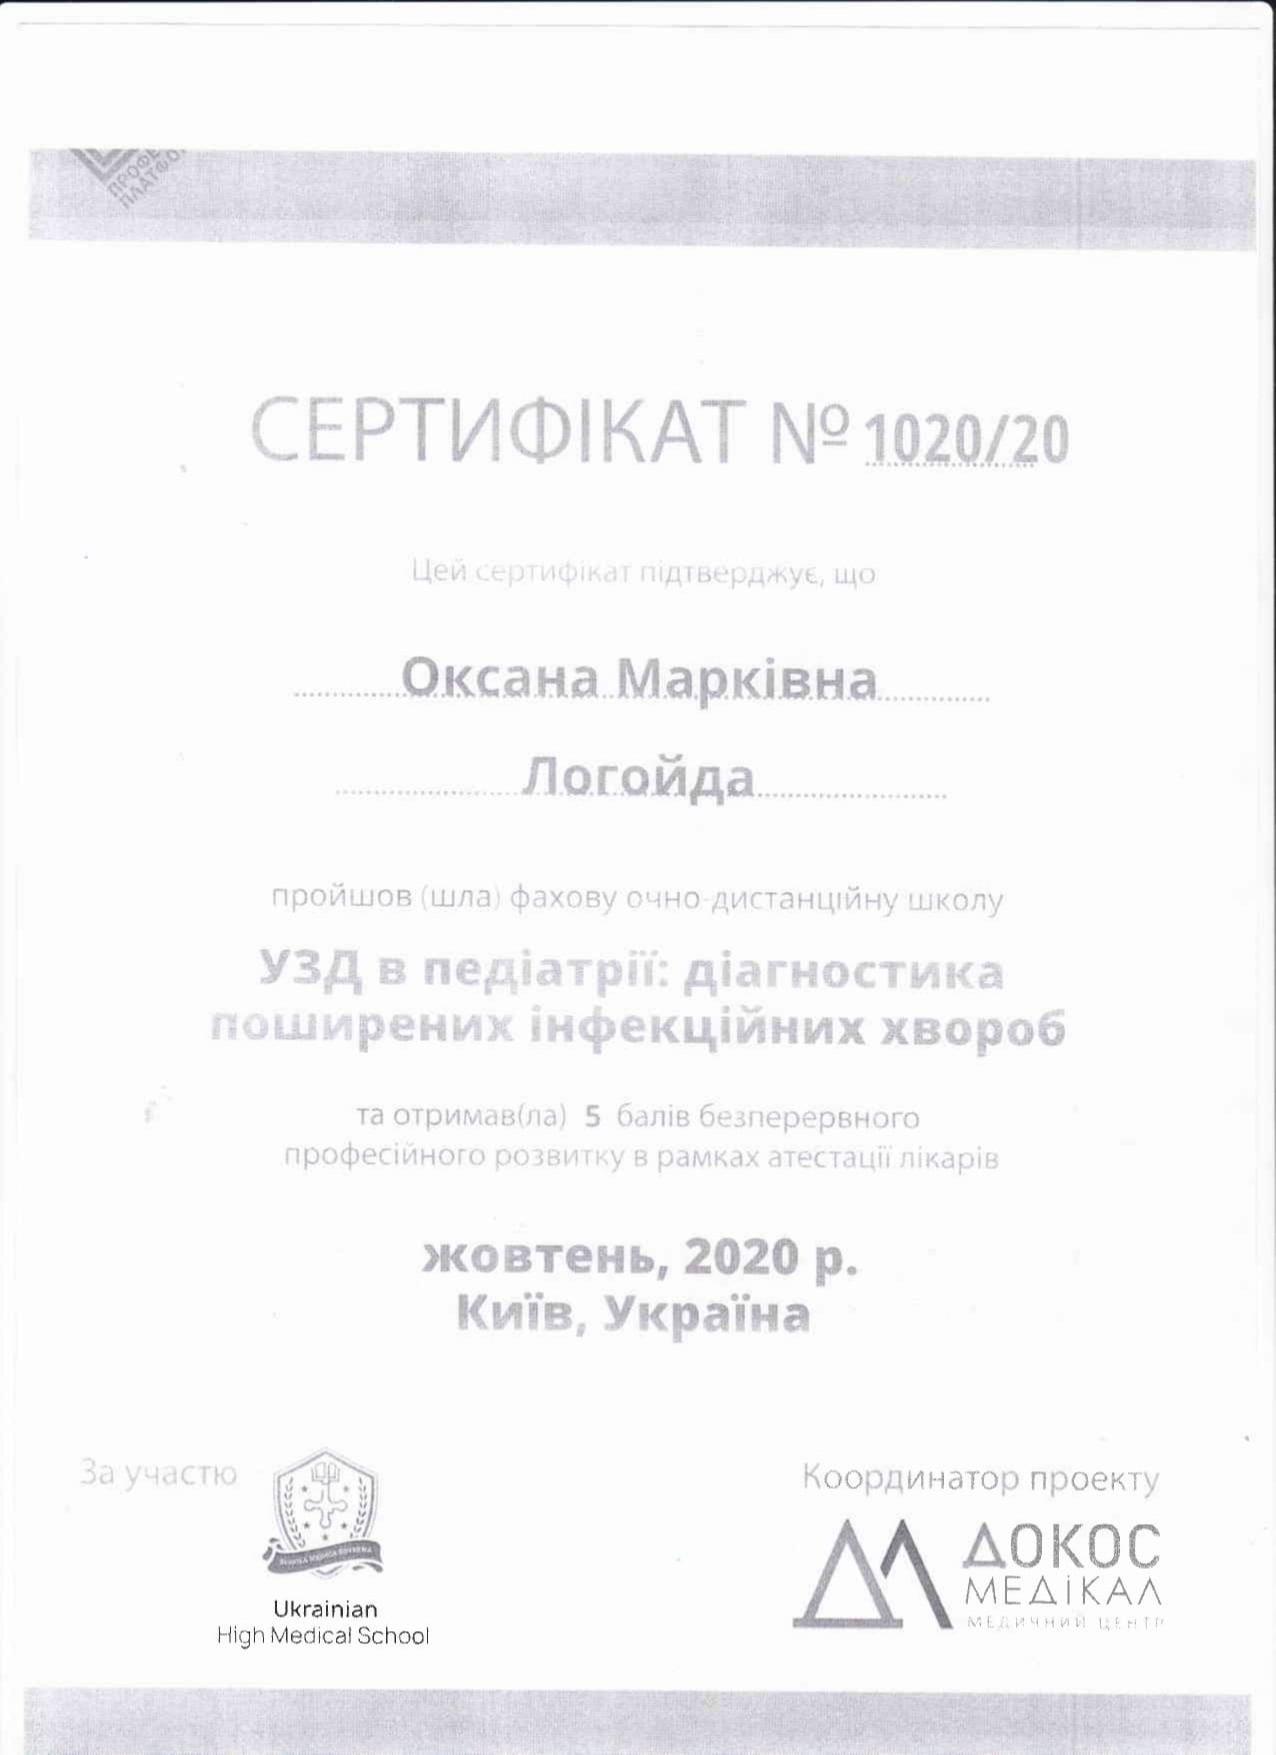 Сертификат о прохождении специализированной очно-дистанционной школы